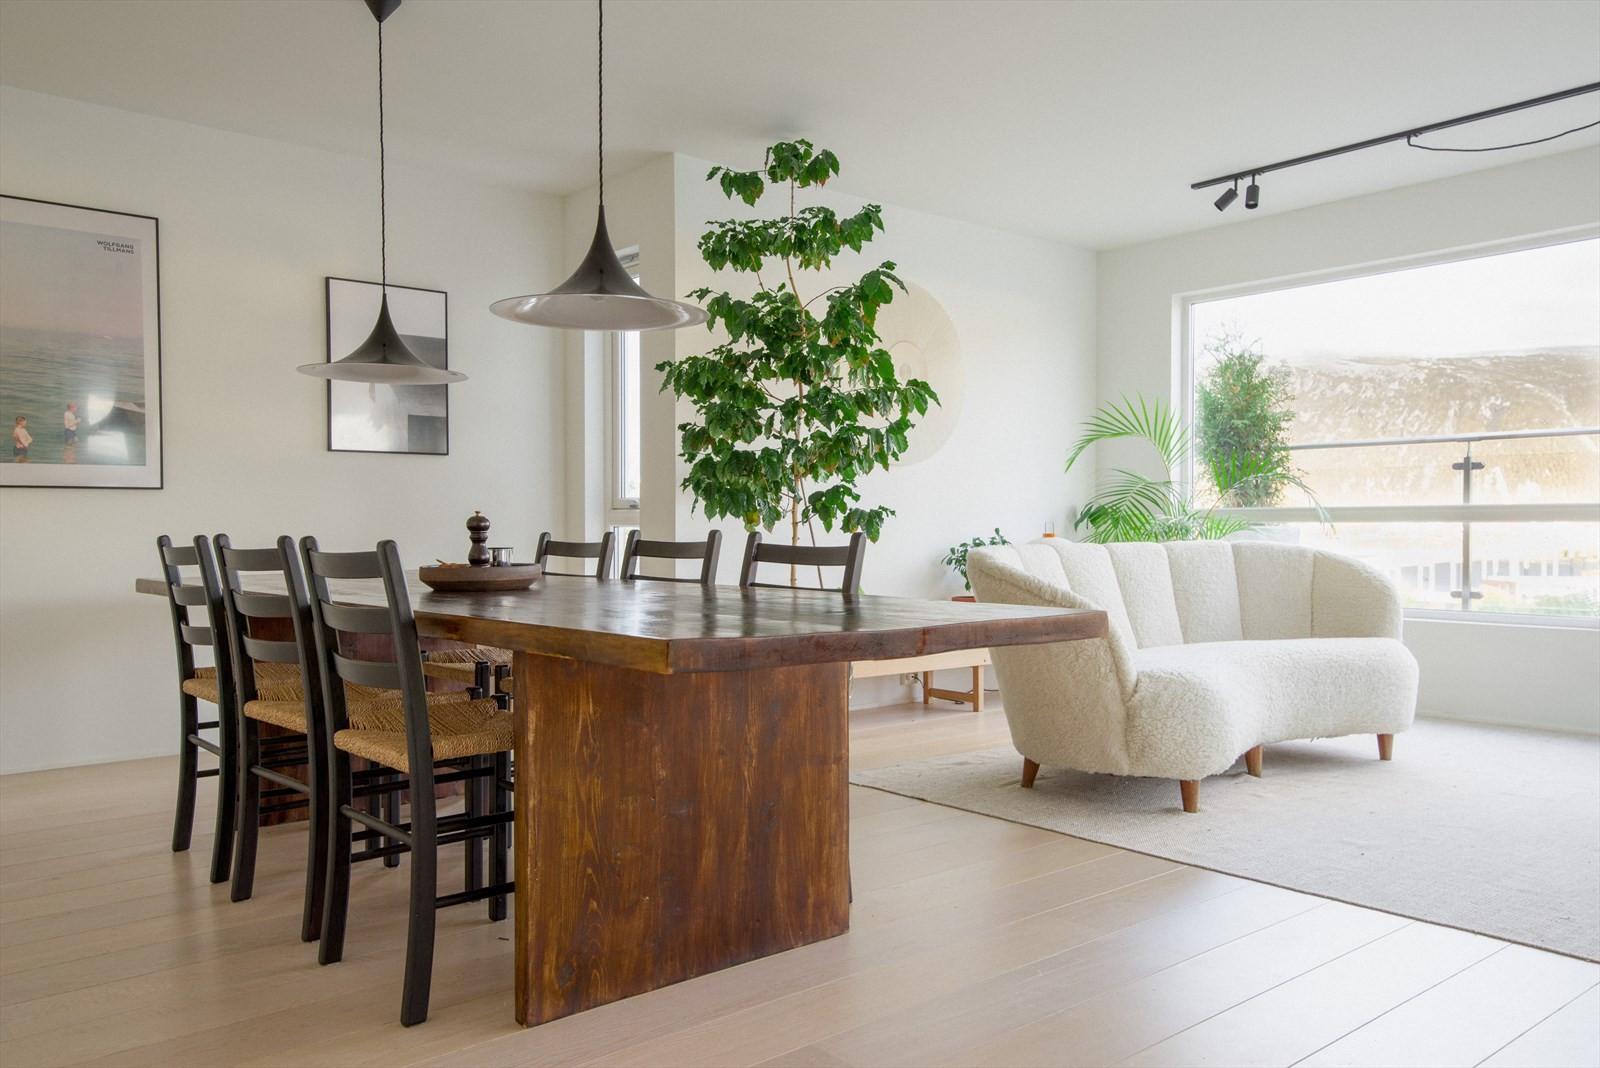 Det er god plass til spisestue mellom kjøkkenet og dagligstuen